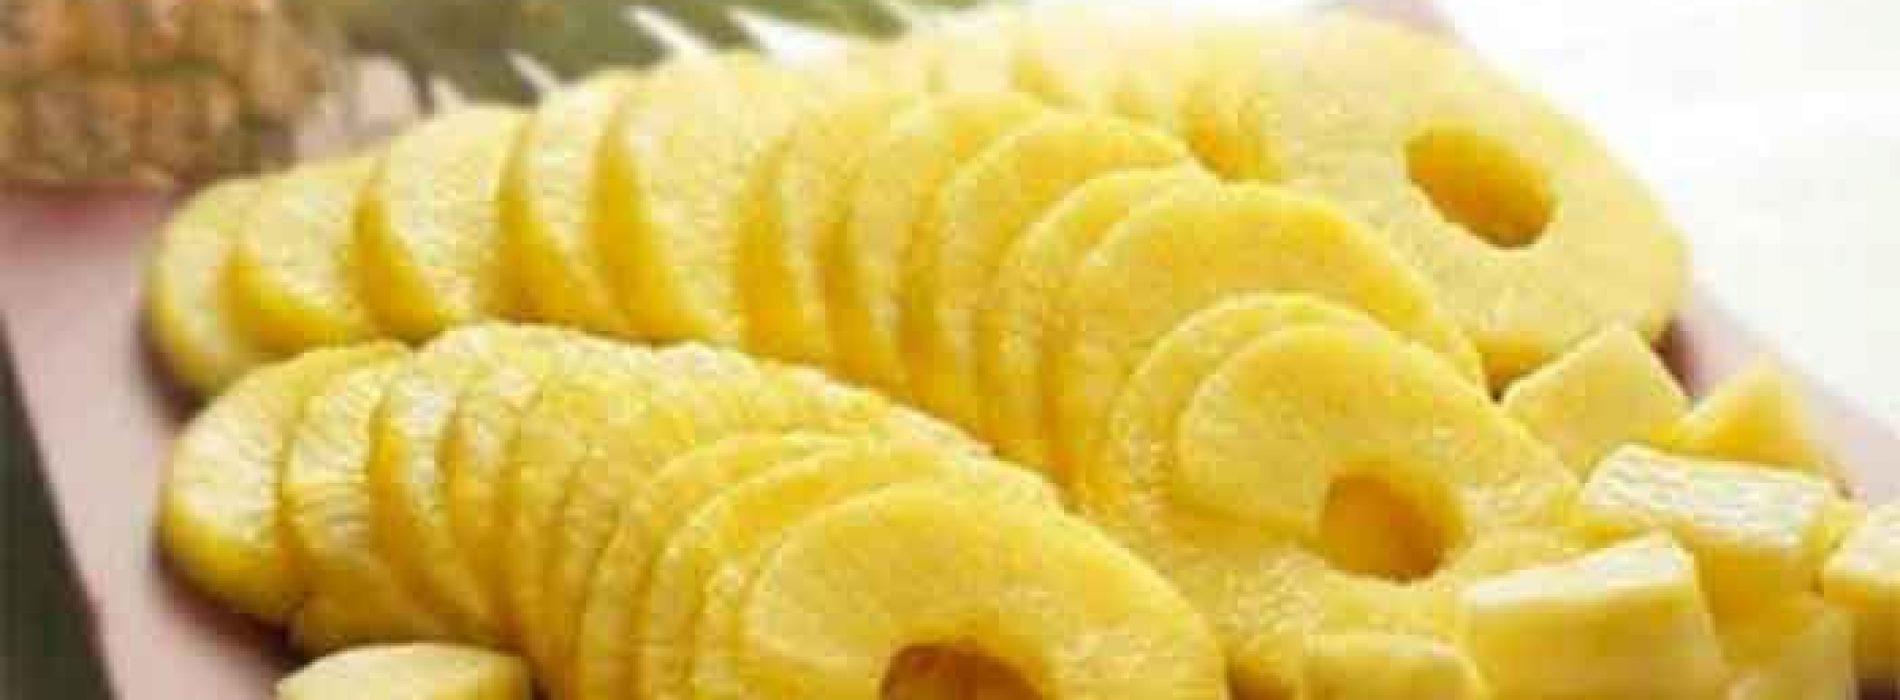 8 redenen waarom we dagelijks Ananas zouden moeten eten.. Nummer 2 is het Belangrijkst